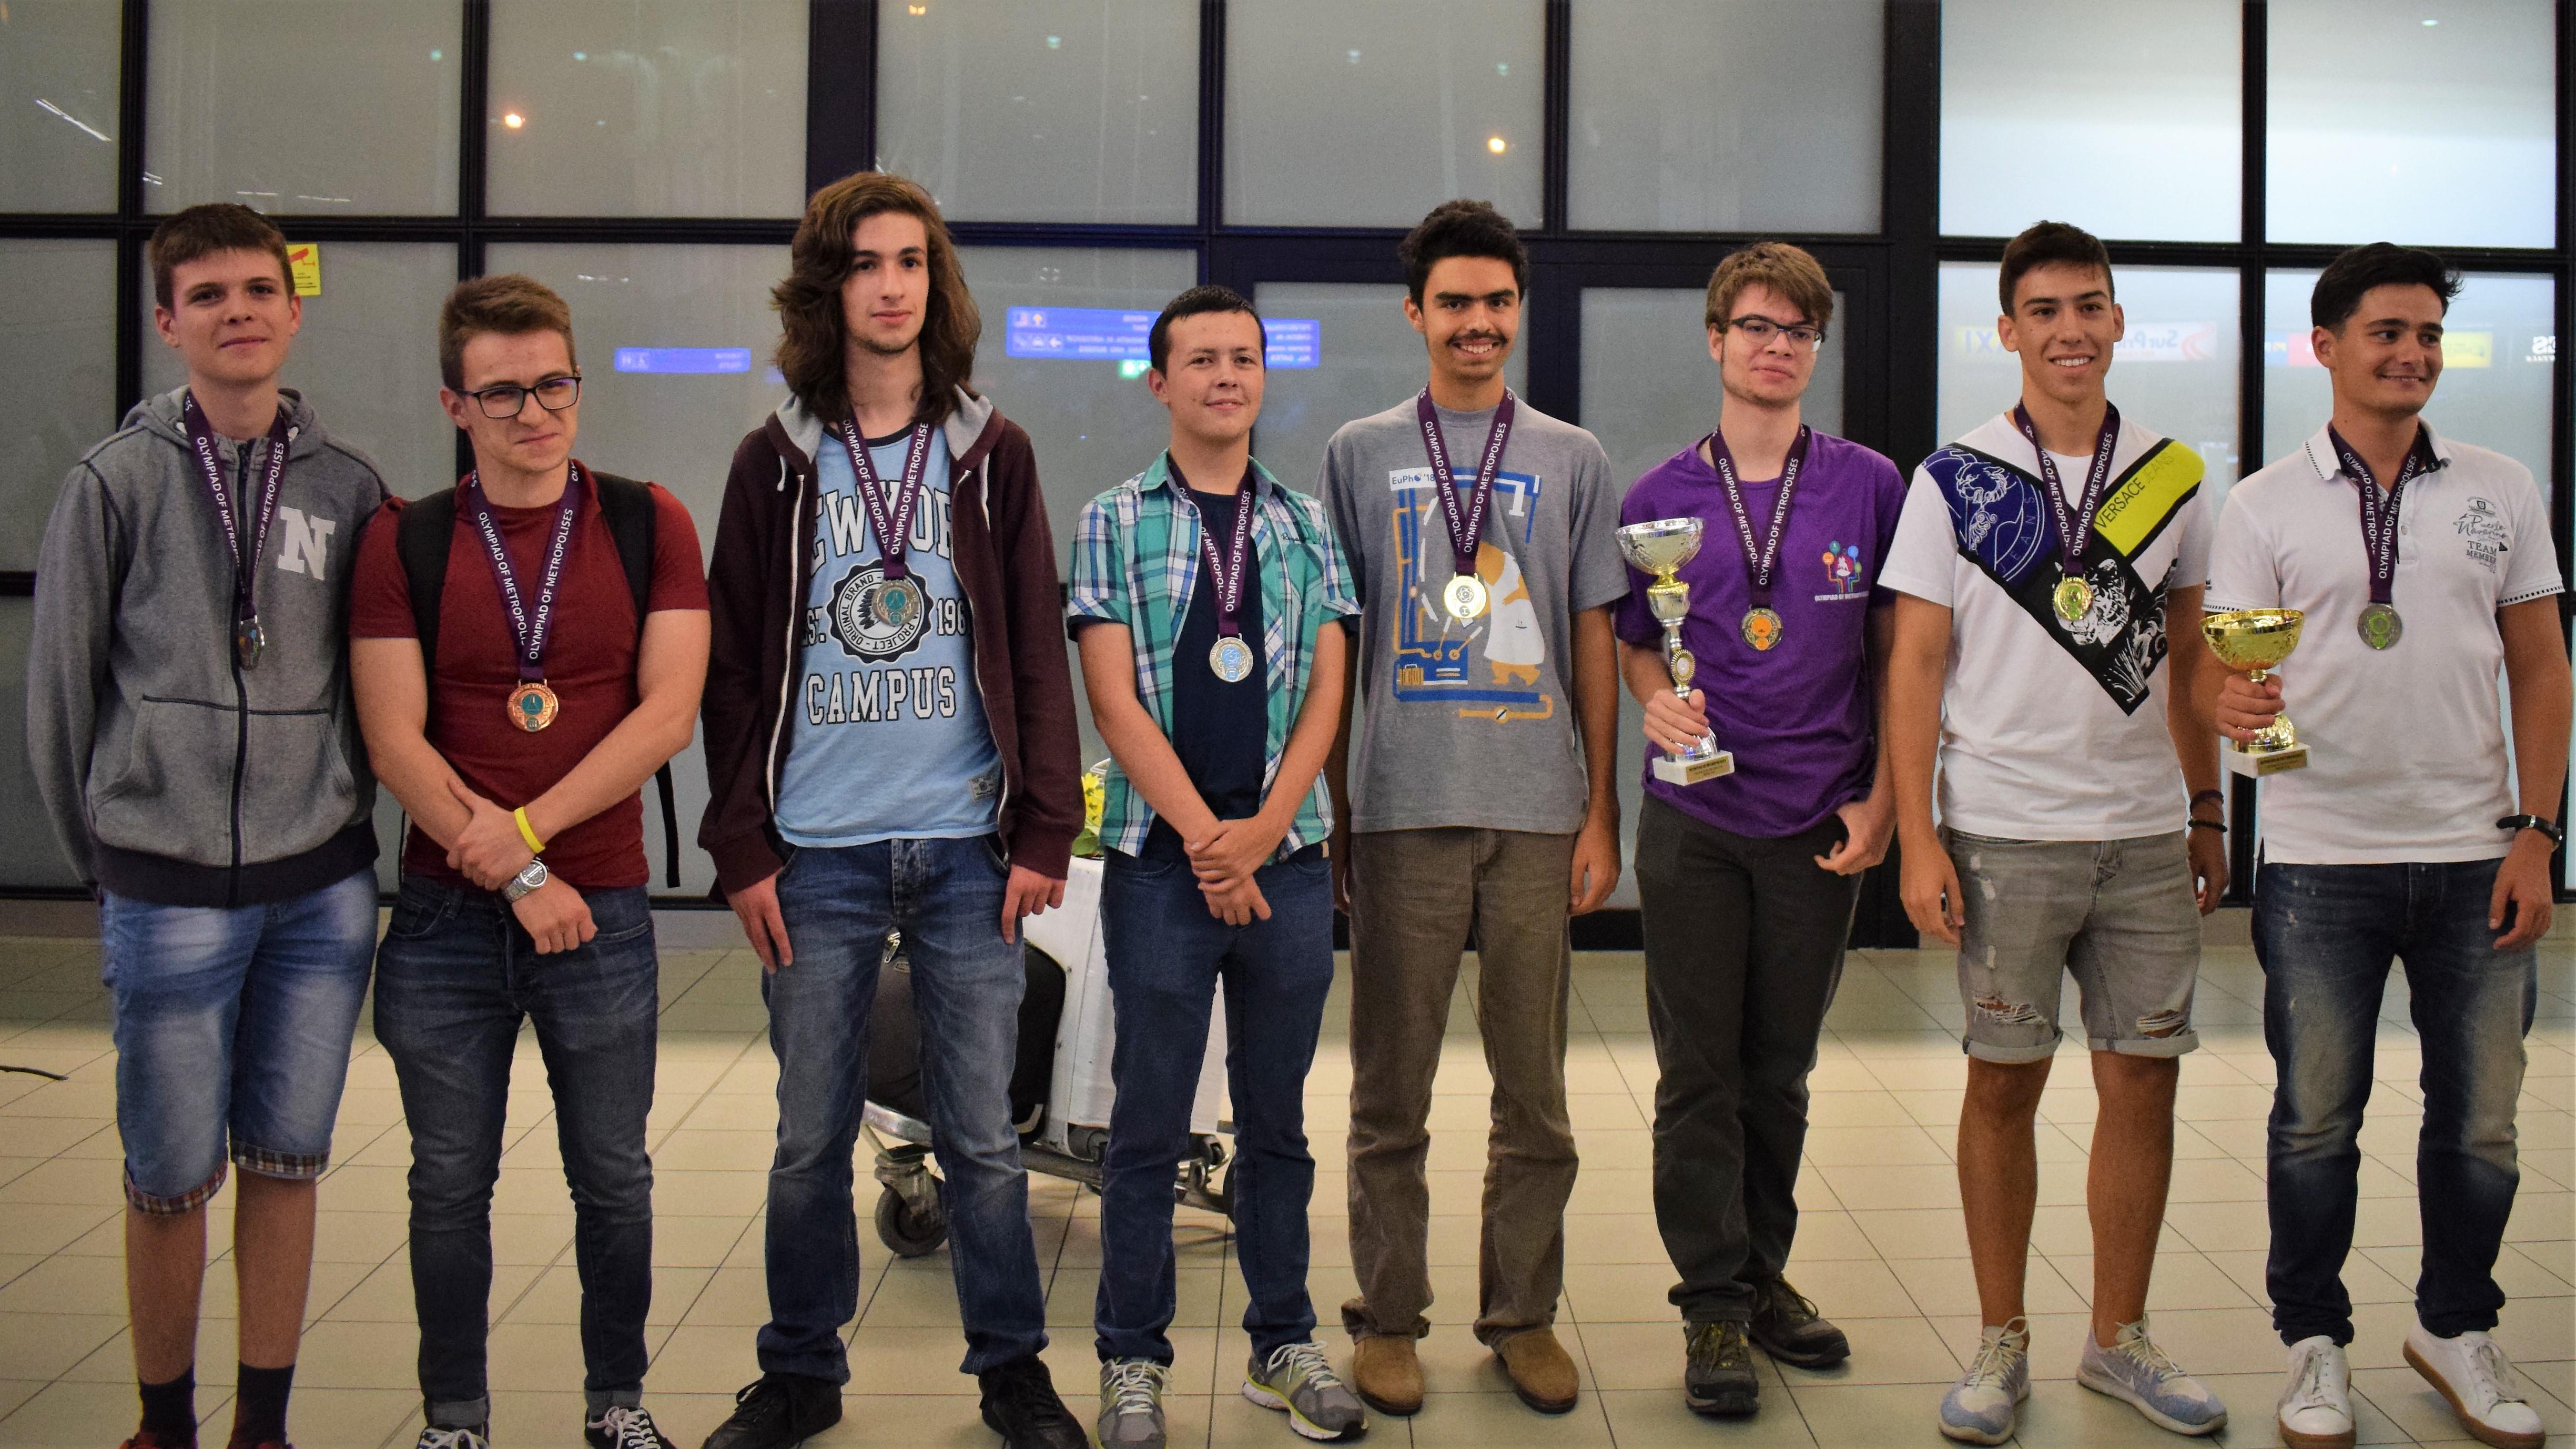 Резултат с изображение за медали от научни олимпиади